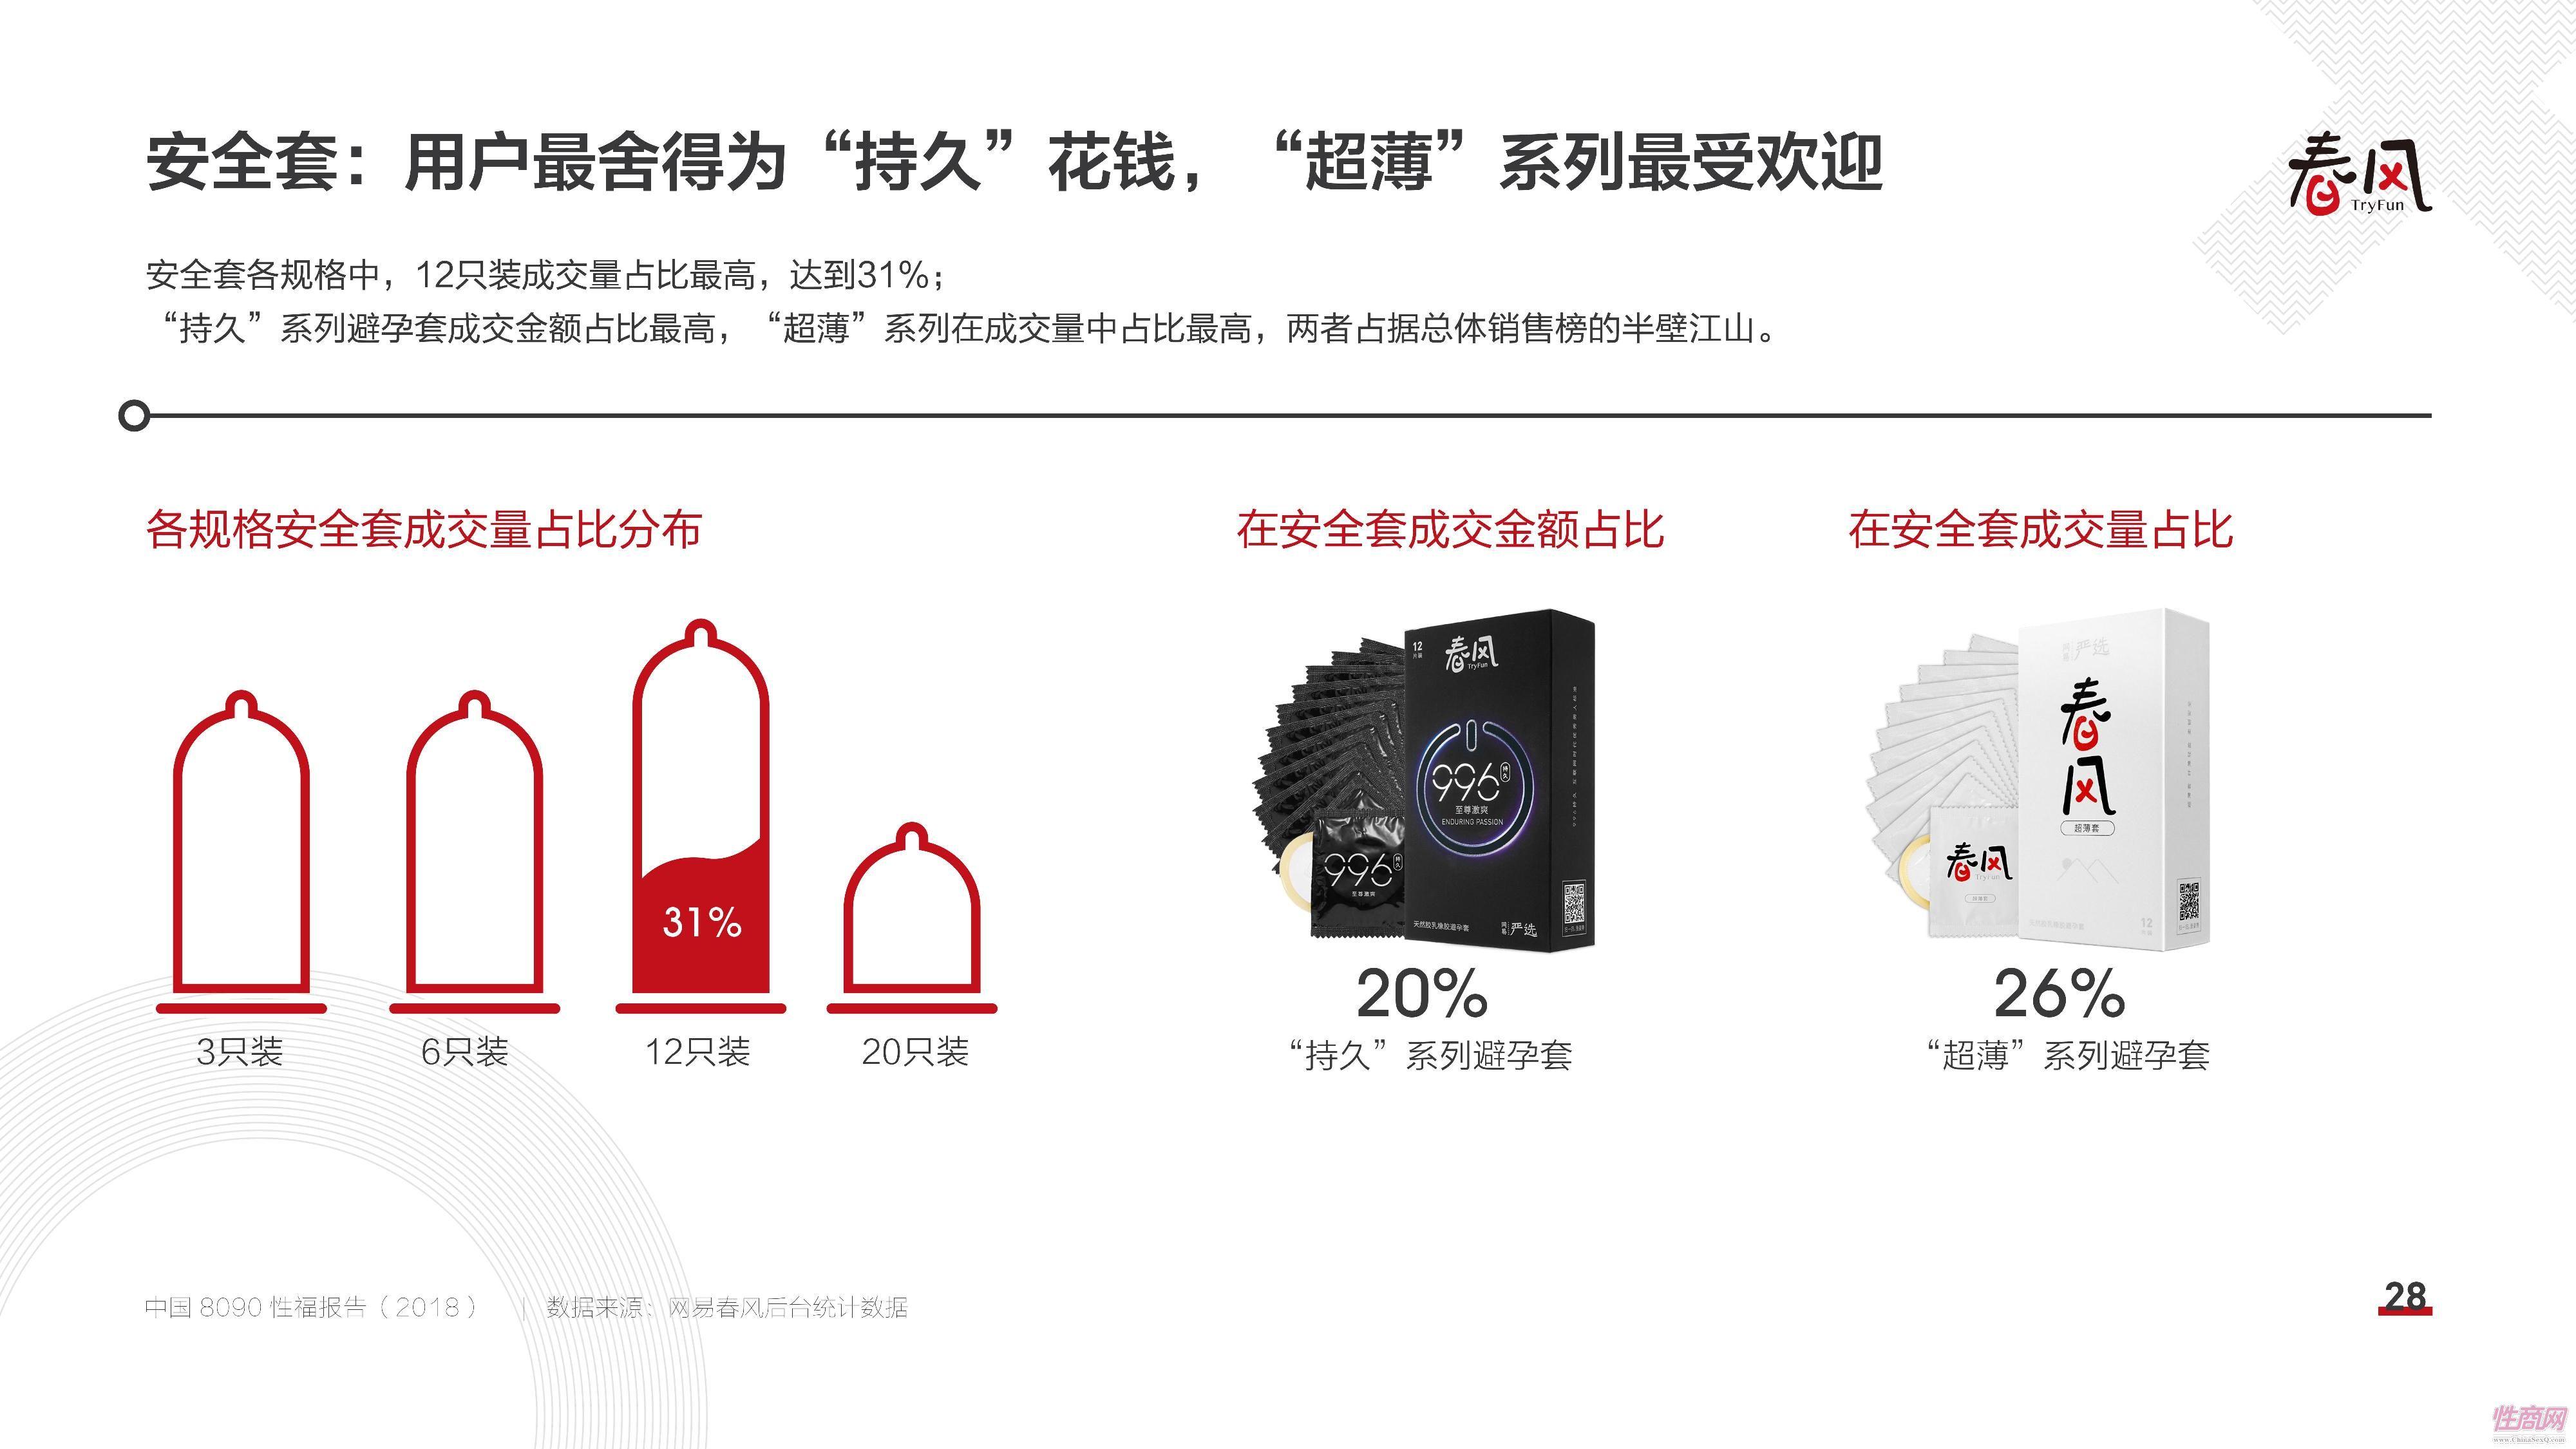 18中国8090性福报告 (27)